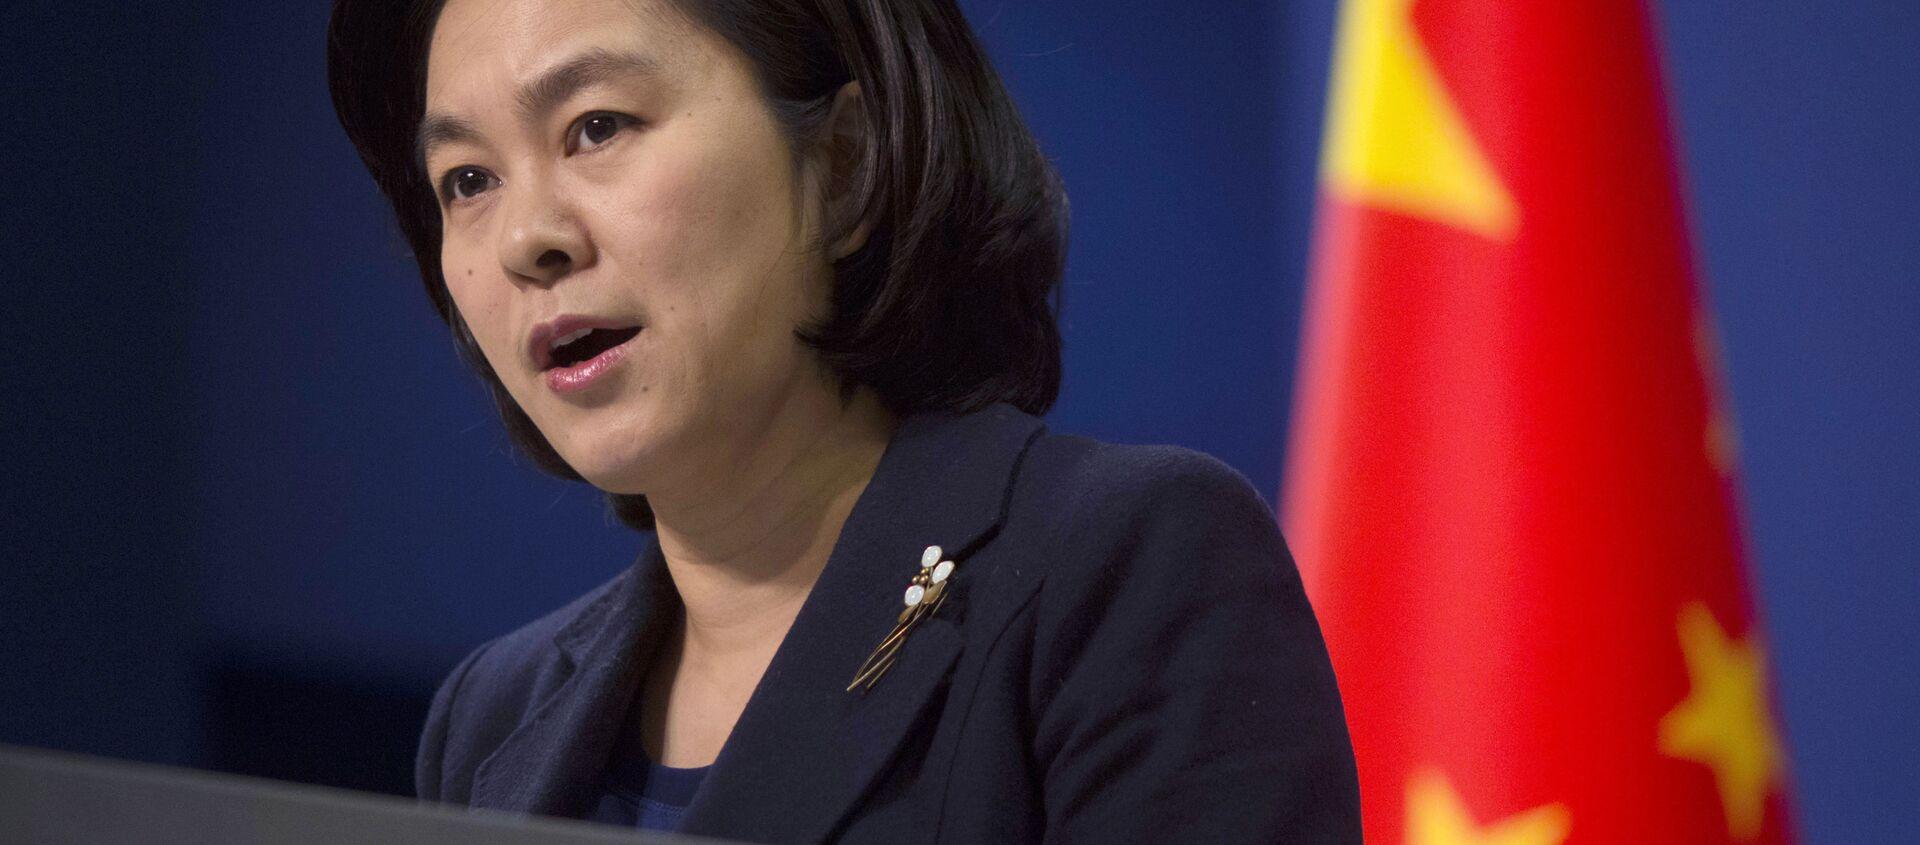 La portavoce del ministero degli Esteri cinese Hua Chunying - Sputnik Italia, 1920, 21.01.2021